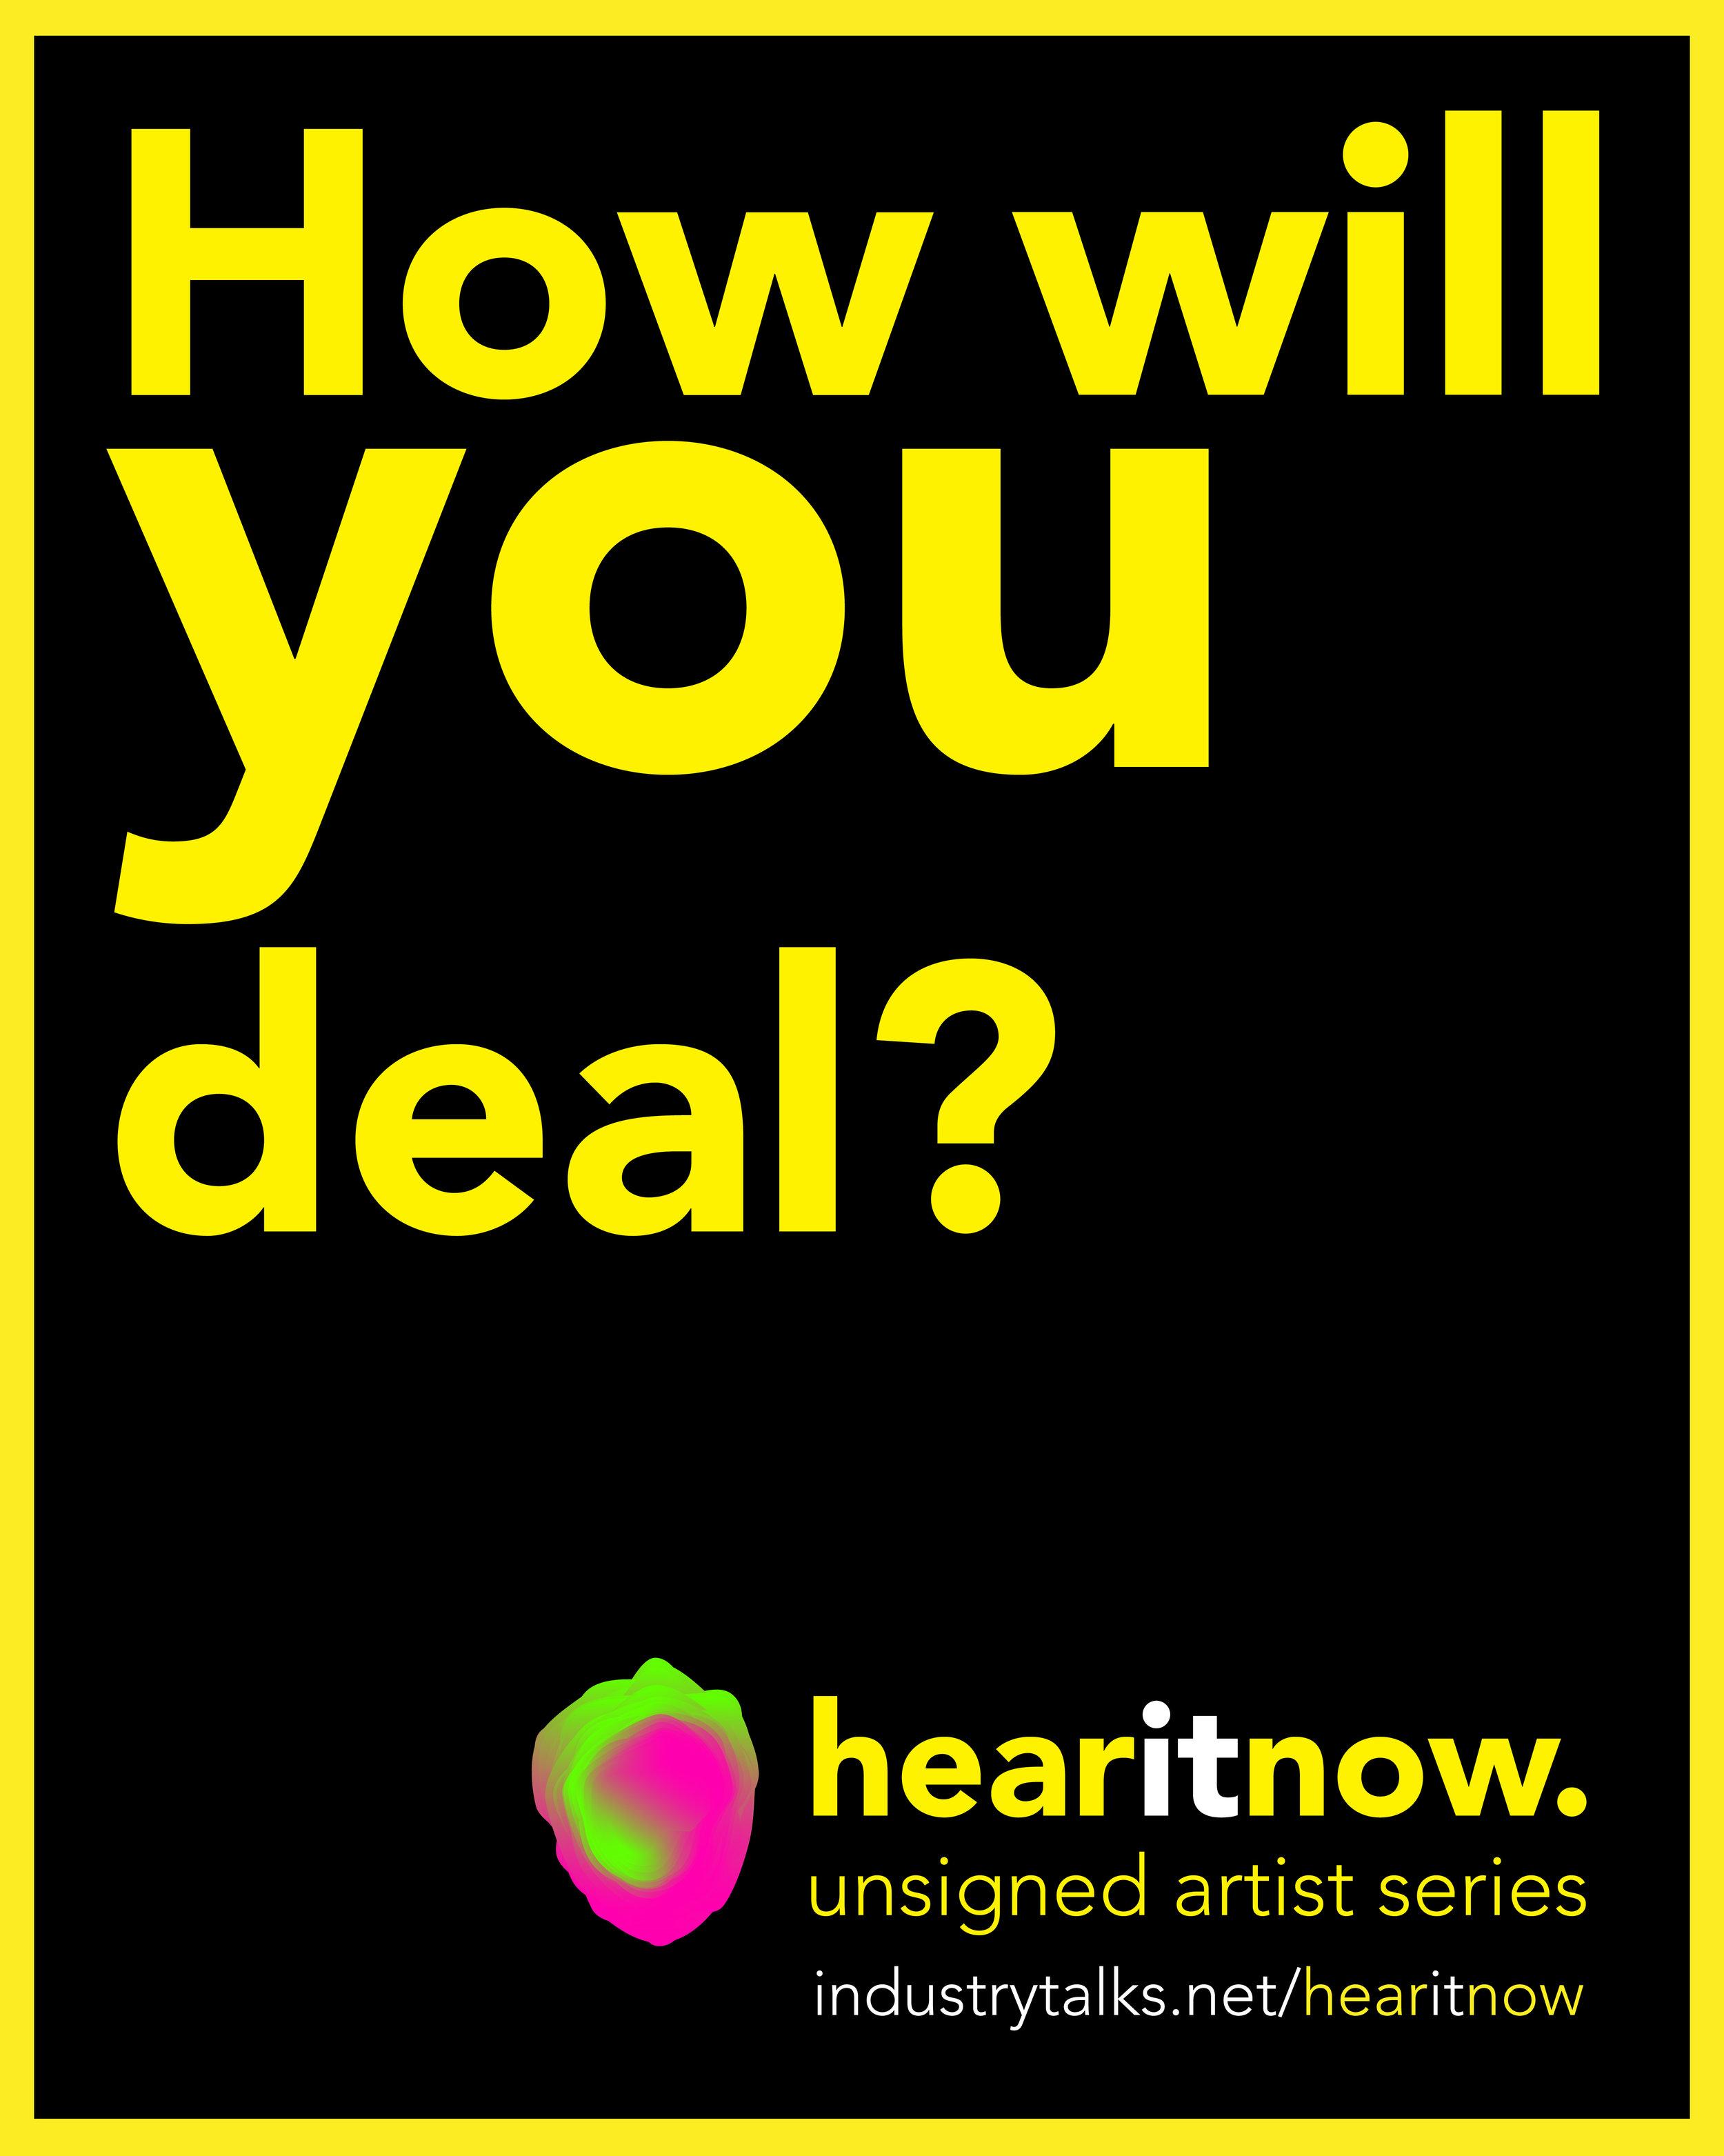 Industry_Talks-Hear_It_Now-Deal.jpg